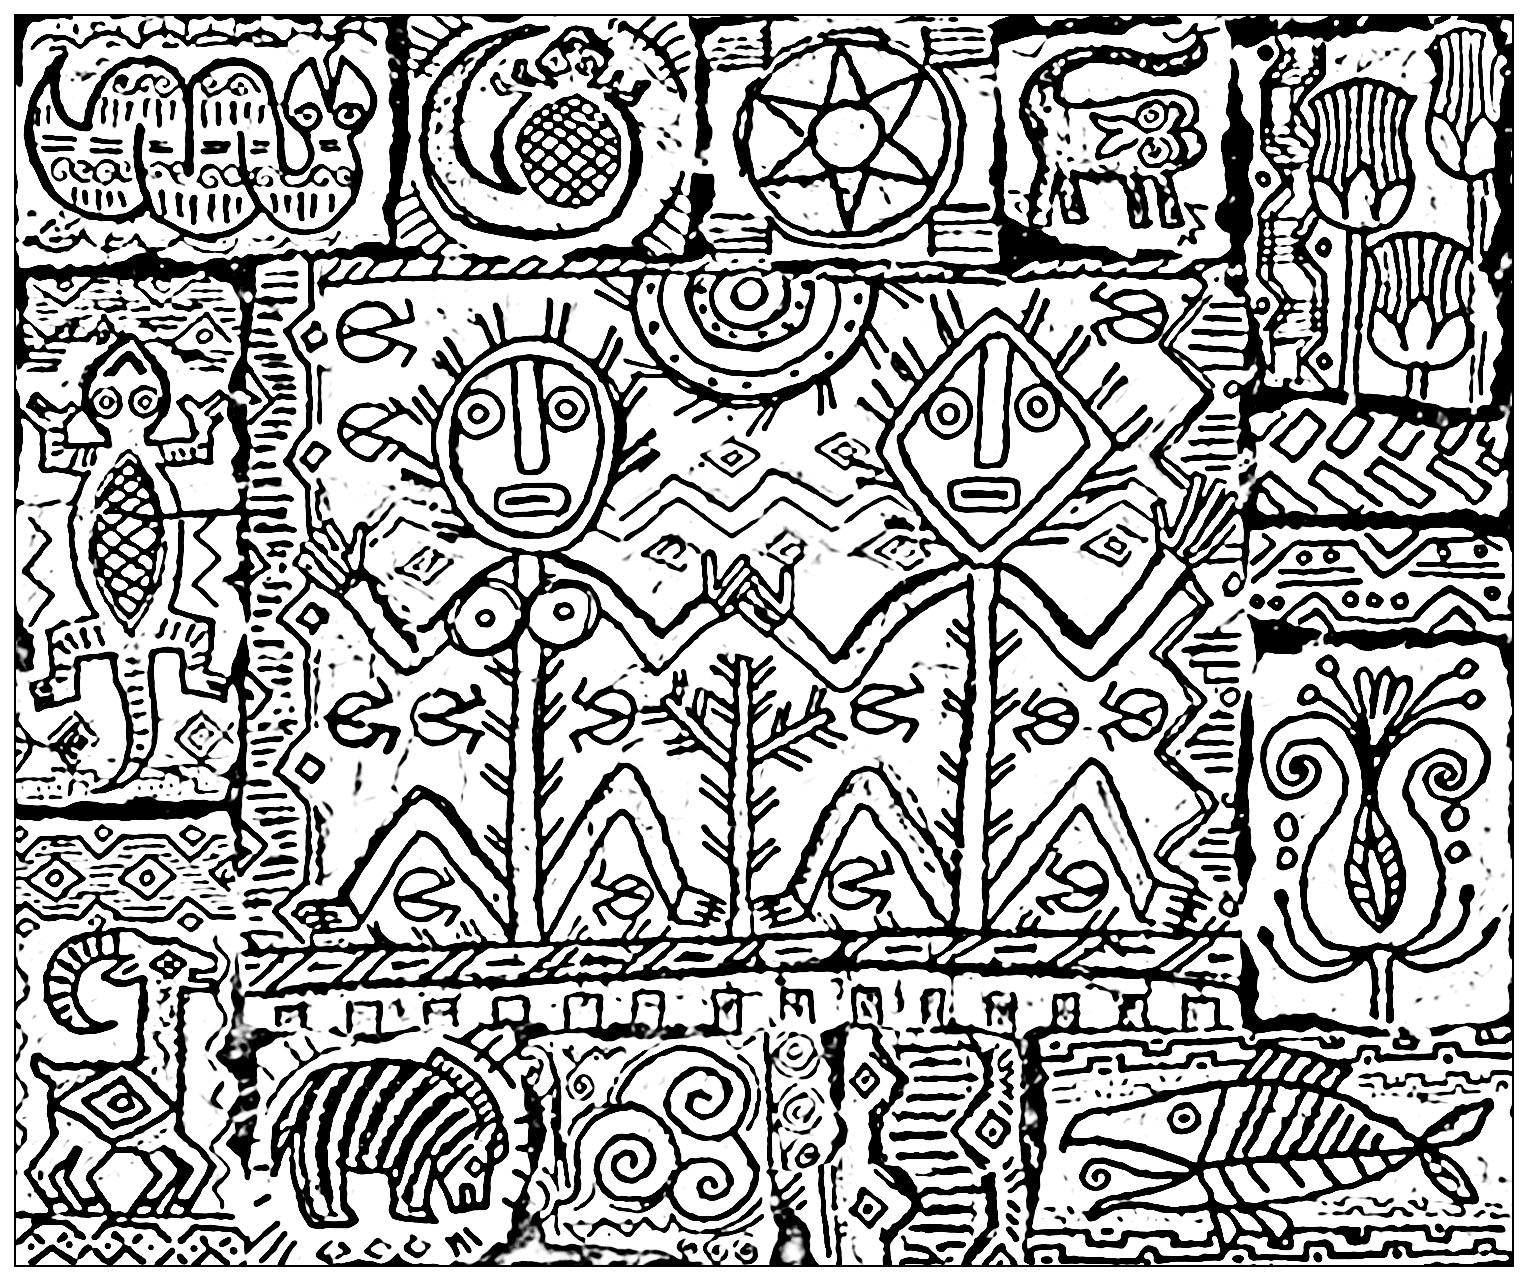 Dessin d'inspiration chamanique représentant l'alliance entre le féminin sacré et le masculin sacré